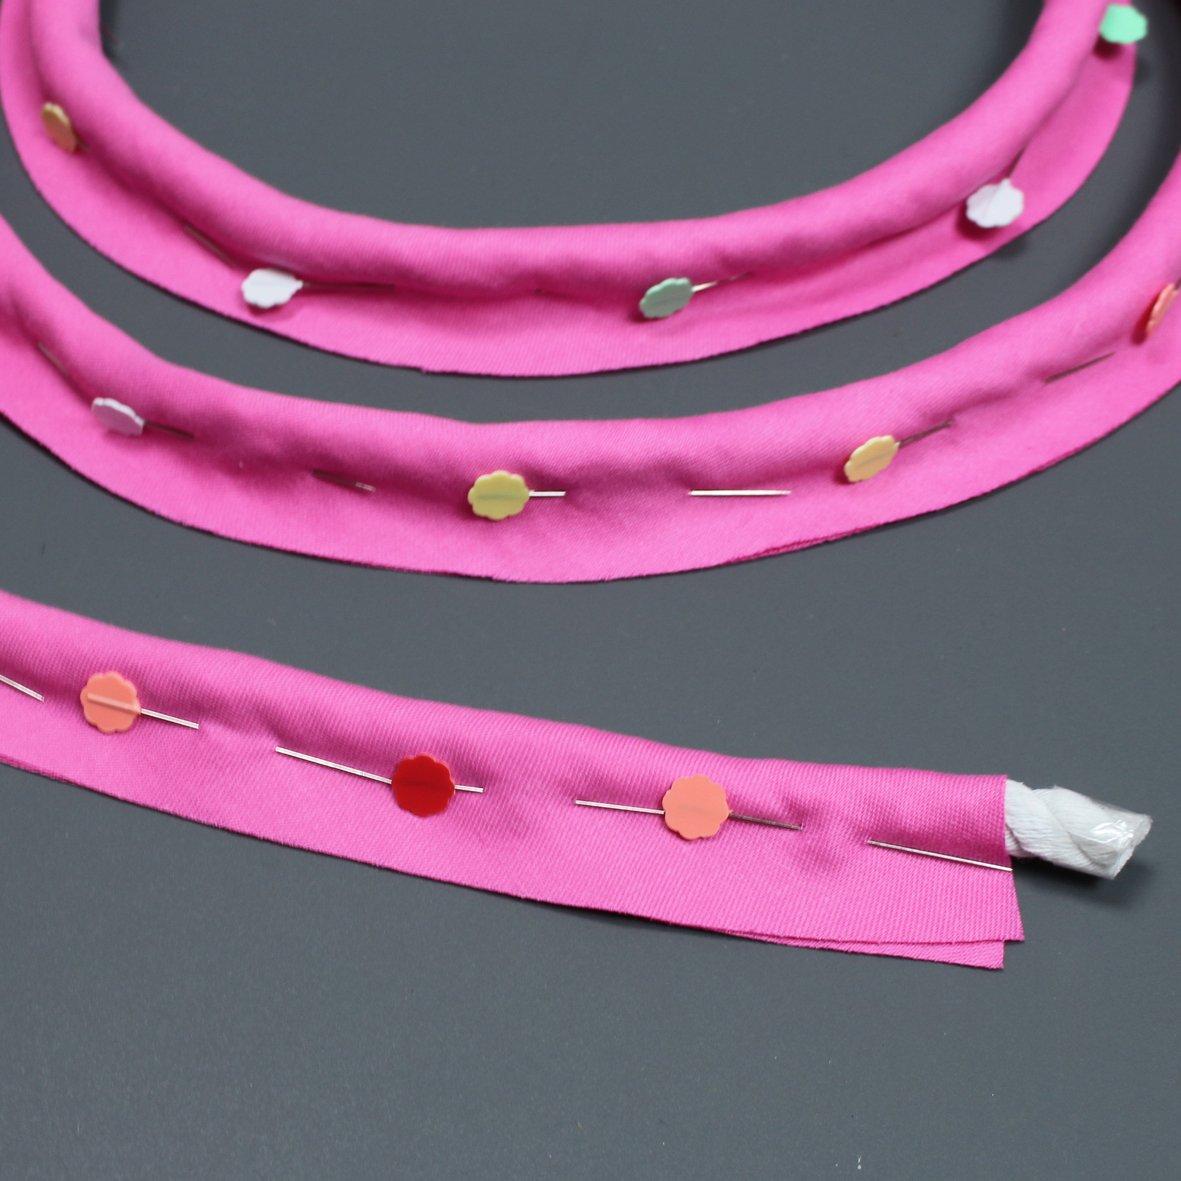 Wrap bias around piping cord